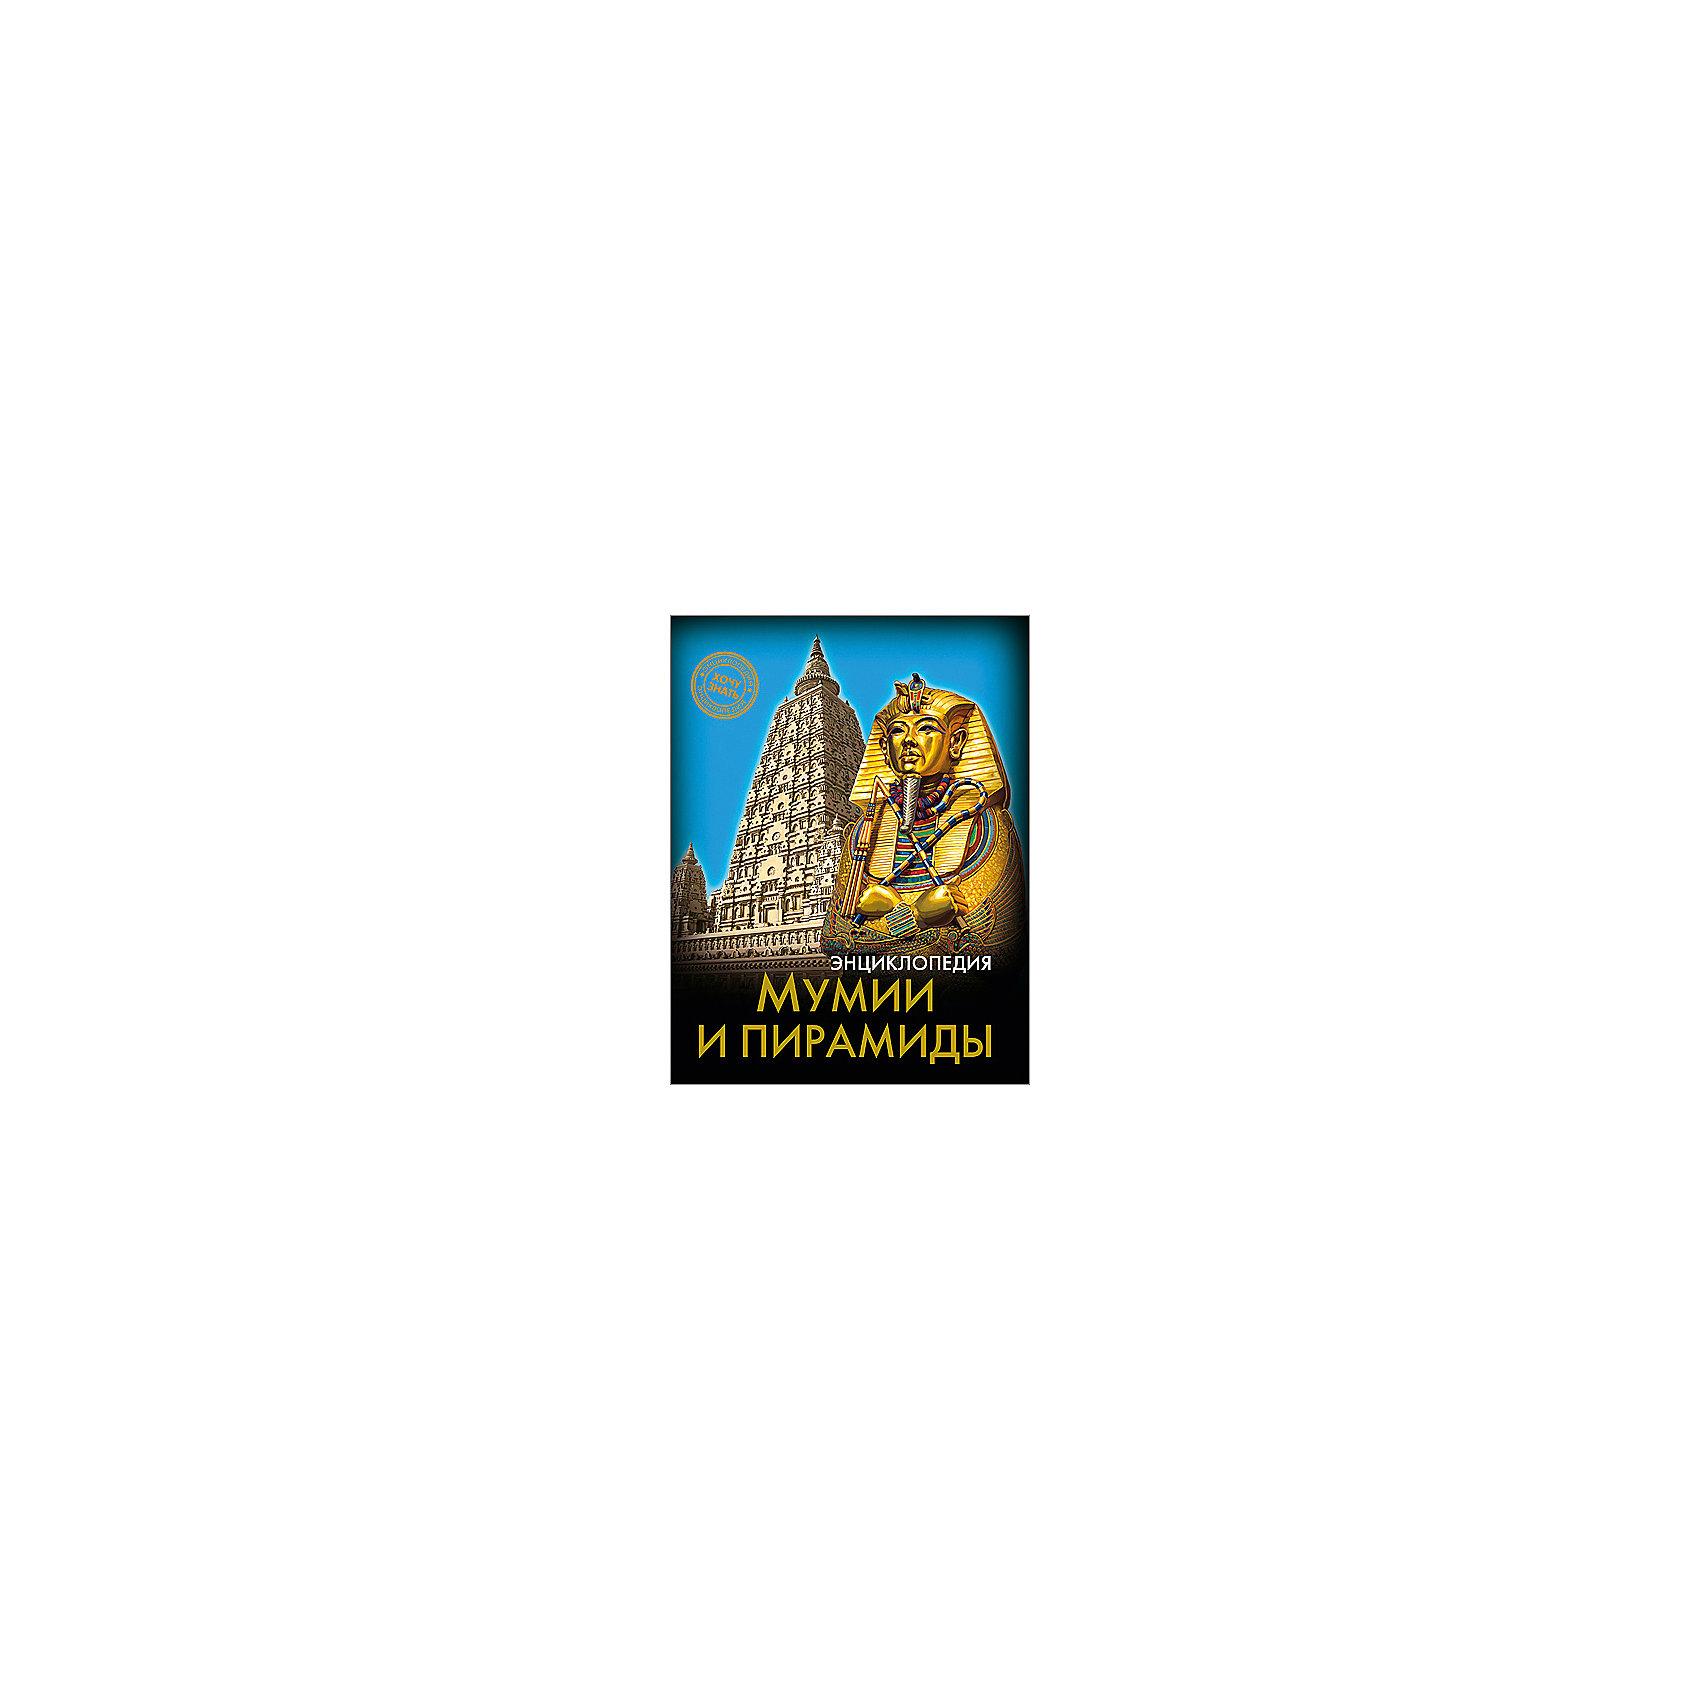 Энциклопедия Мумии и пирамидыДетские энциклопедии<br>Эта энциклопедия позволит вашему ребенку раскрыть тайны пирамид и мумий! В этом издании вы найдете множество интересных и увлекательных тем и фактов, изложенных простым, понятным для детей языком, дополненных яркими иллюстрациями. Энциклопедия в твердой красочной обложке станет прекрасным подарком на любой праздник и обязательно заинтересует ребенка, поможет расширить кругозор и увеличить словарный запас. <br><br>Дополнительная информация:<br><br>- Автор: Розумчук Андрей.<br>- Формат: 21,6х17 см.<br>- Переплет: твердый, 7БЦ.<br>- Количество страниц: 96.<br>- Иллюстрации: цветные.<br><br>Энциклопедию Мумии и пирамиды можно купить в нашем магазине.<br><br>Ширина мм: 170<br>Глубина мм: 5<br>Высота мм: 215<br>Вес г: 310<br>Возраст от месяцев: 72<br>Возраст до месяцев: 2147483647<br>Пол: Унисекс<br>Возраст: Детский<br>SKU: 4756245